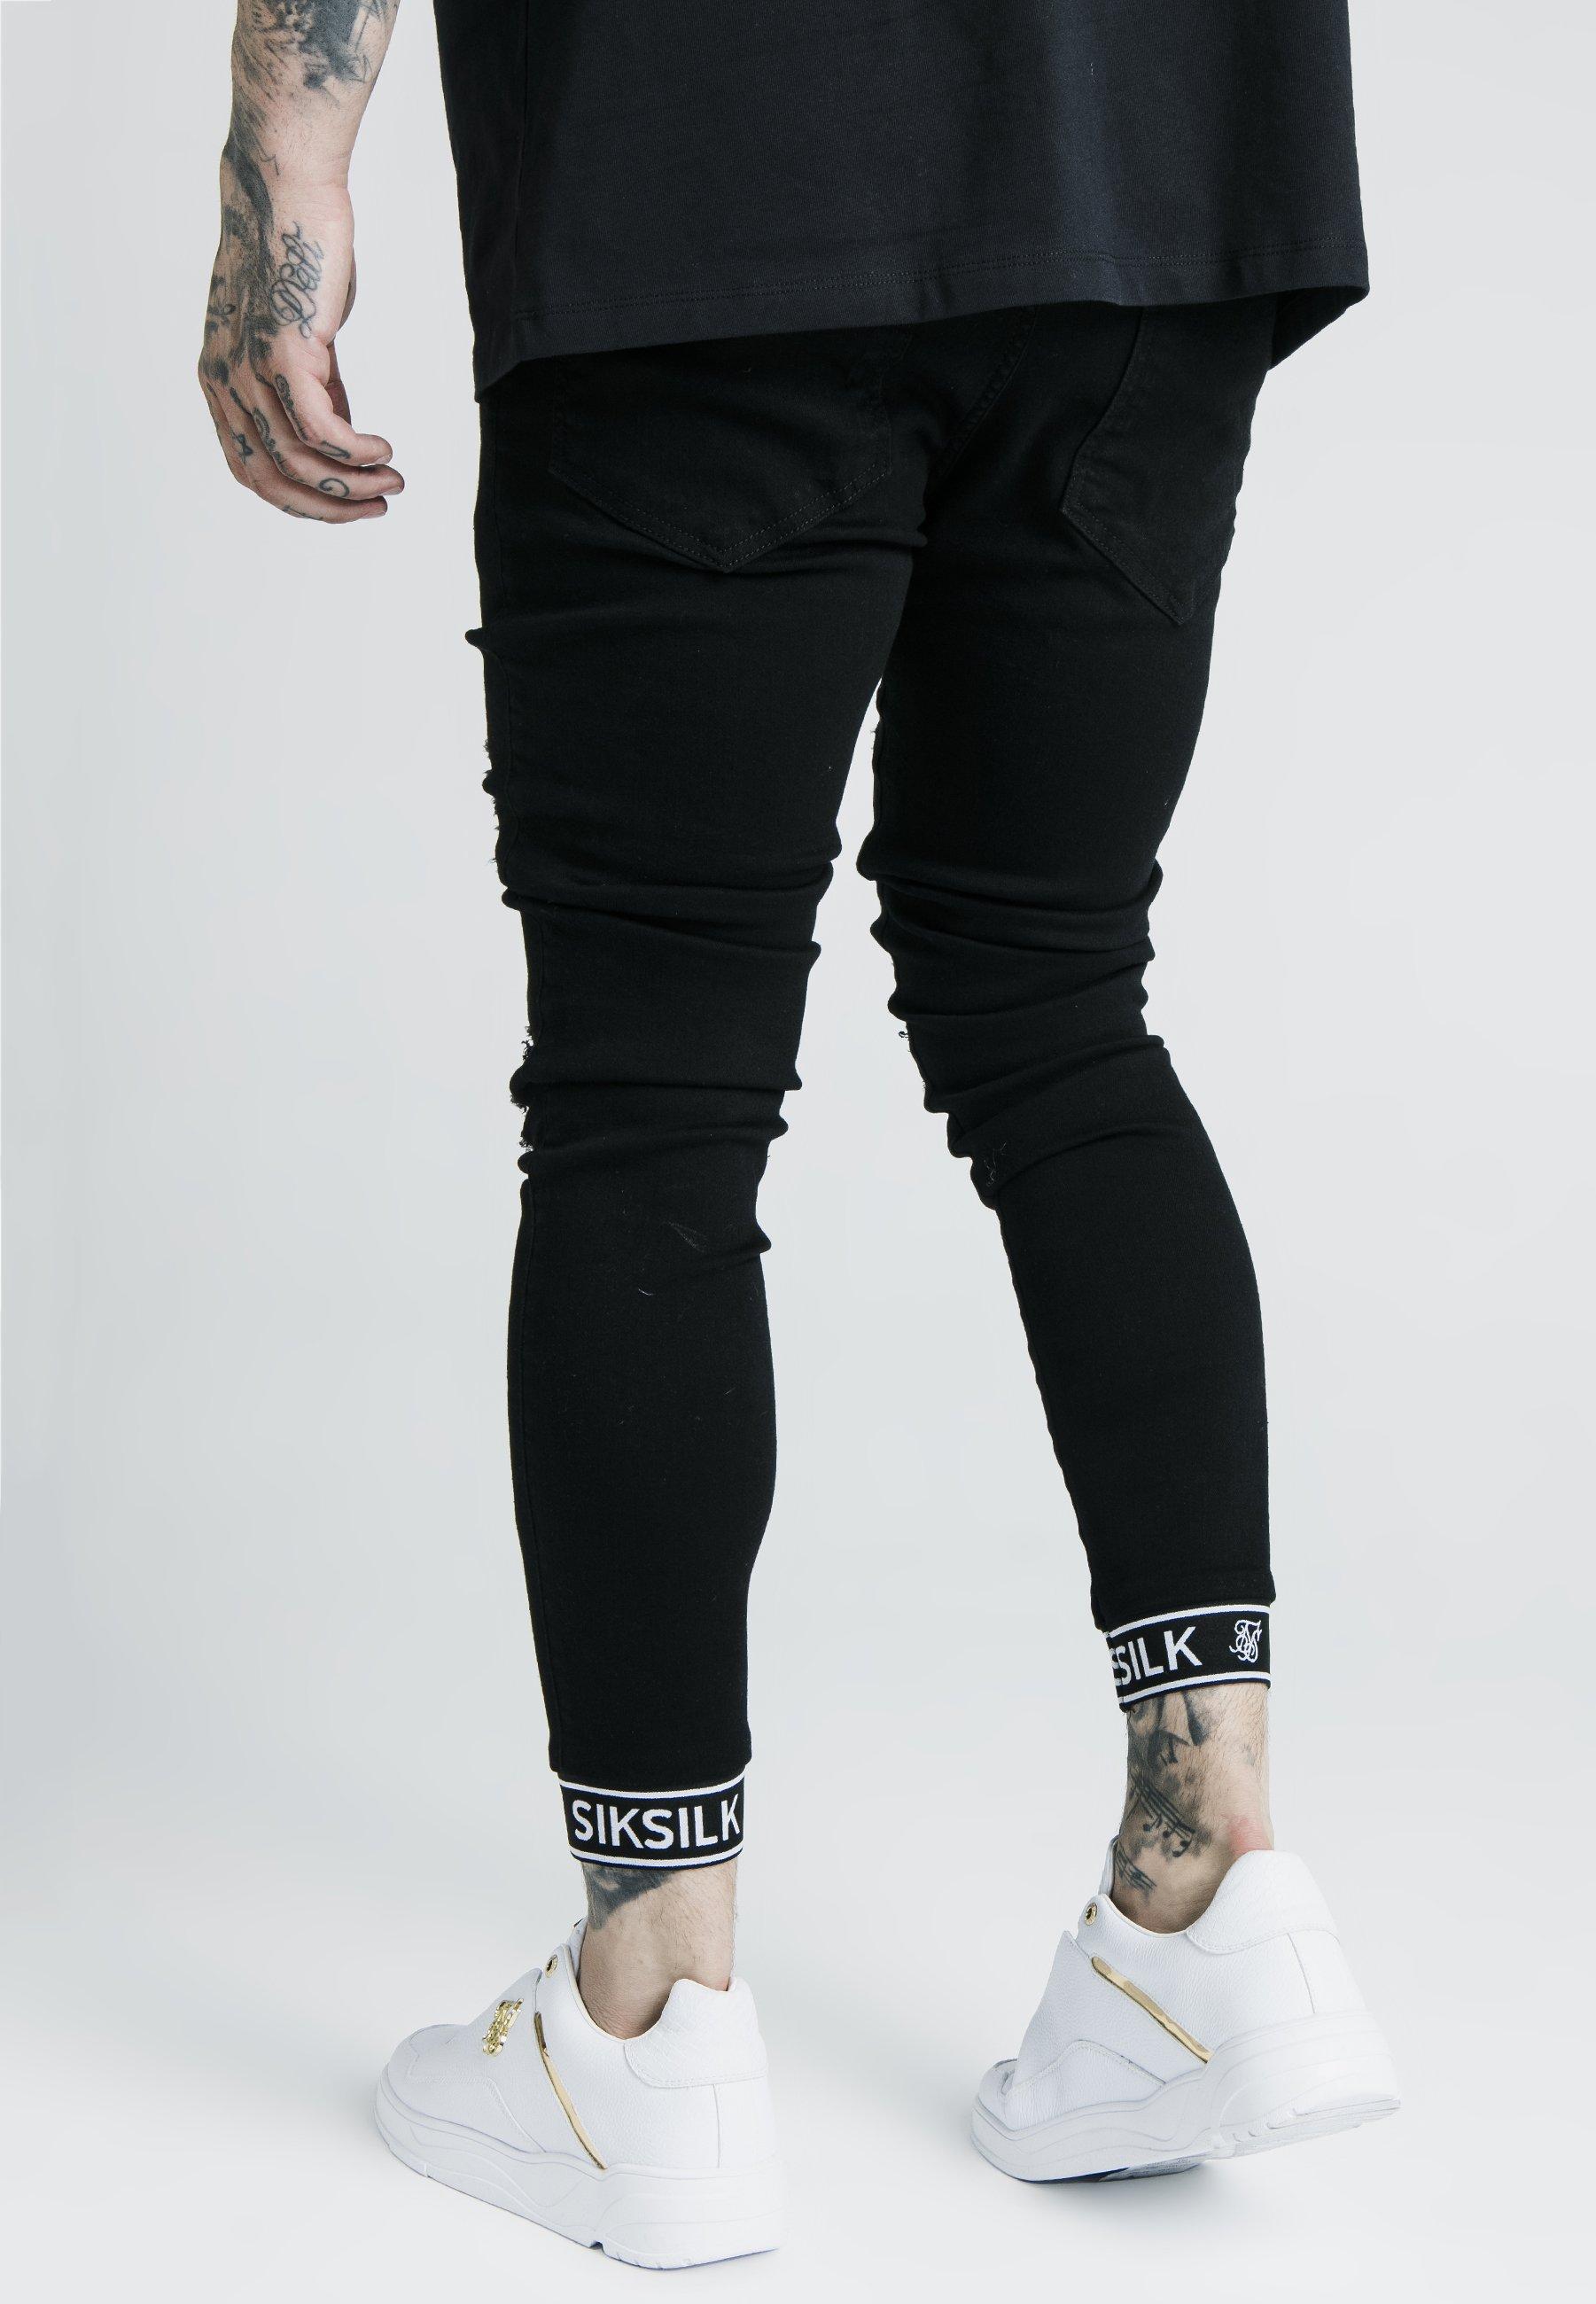 Siksilk Skinny Cuffed Jeans - Skinny-farkut Black